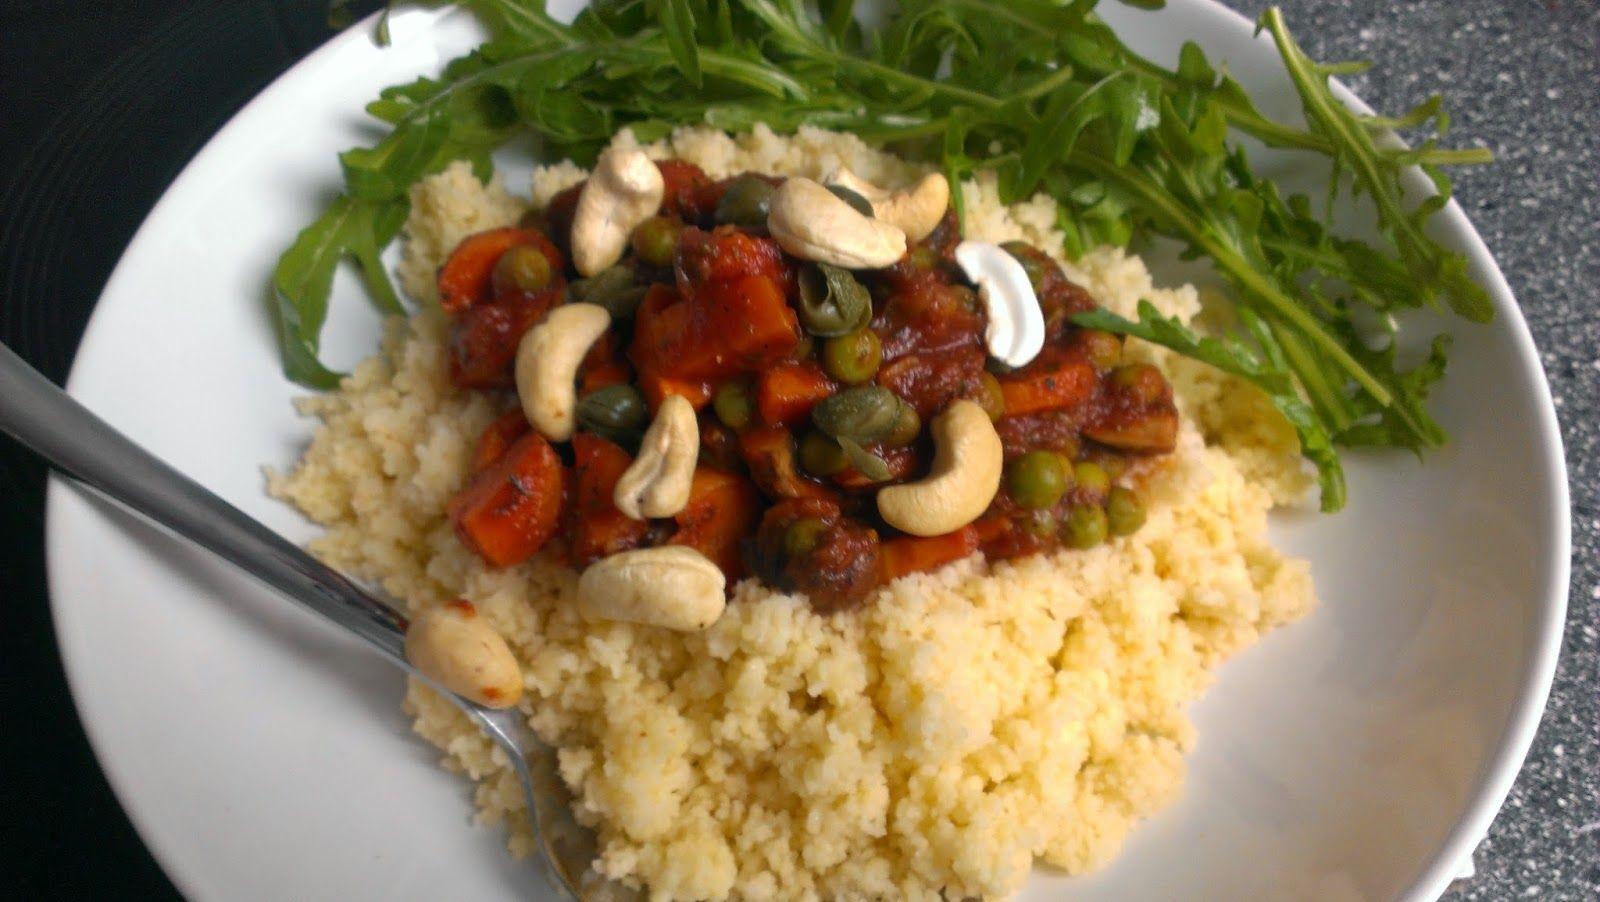 """Mittags dann bei Sinah der sogenannte """"Rest vom Schützenfest"""": Reste der Gemüsesoße vom Vortrag auf einem großen Berg Couscous mit ein paar Cashews. Resteessen ist einfach wunderbar!"""